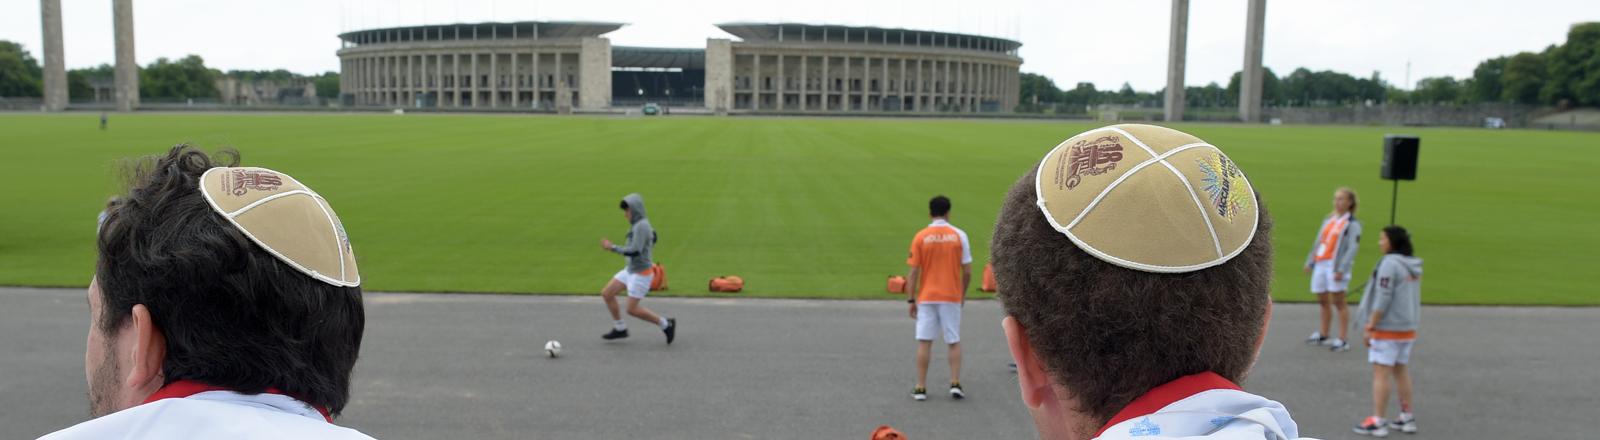 Jüdische Sportler aus Frankreich nehmen auf dem Maifeld am Olympiastadion in Berlin mit einer Kippa auf dem Kopf an einer Gedenkfeier teil.